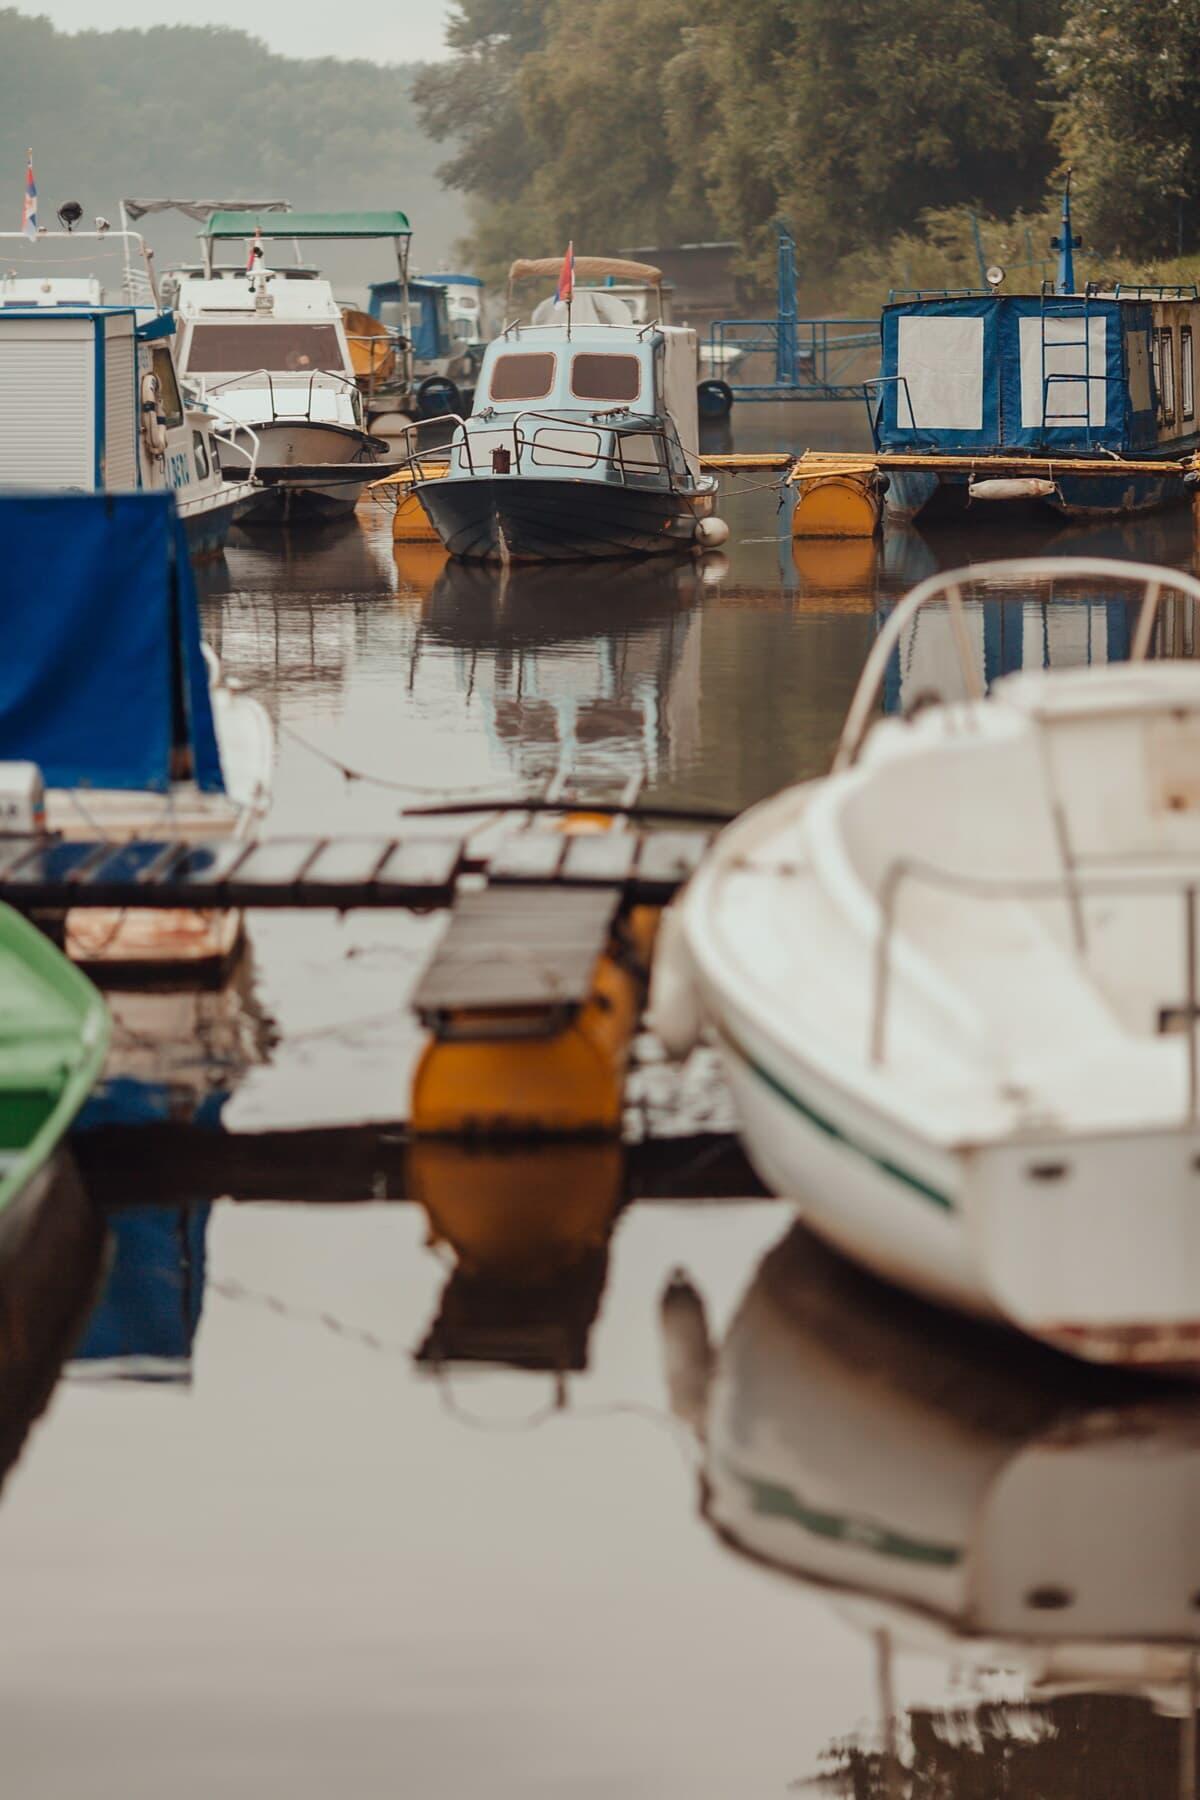 Dock, Kanal, Boote, Marina, Yacht club, Hafen, Boot, Wasser, Hafen, Wasserfahrzeuge